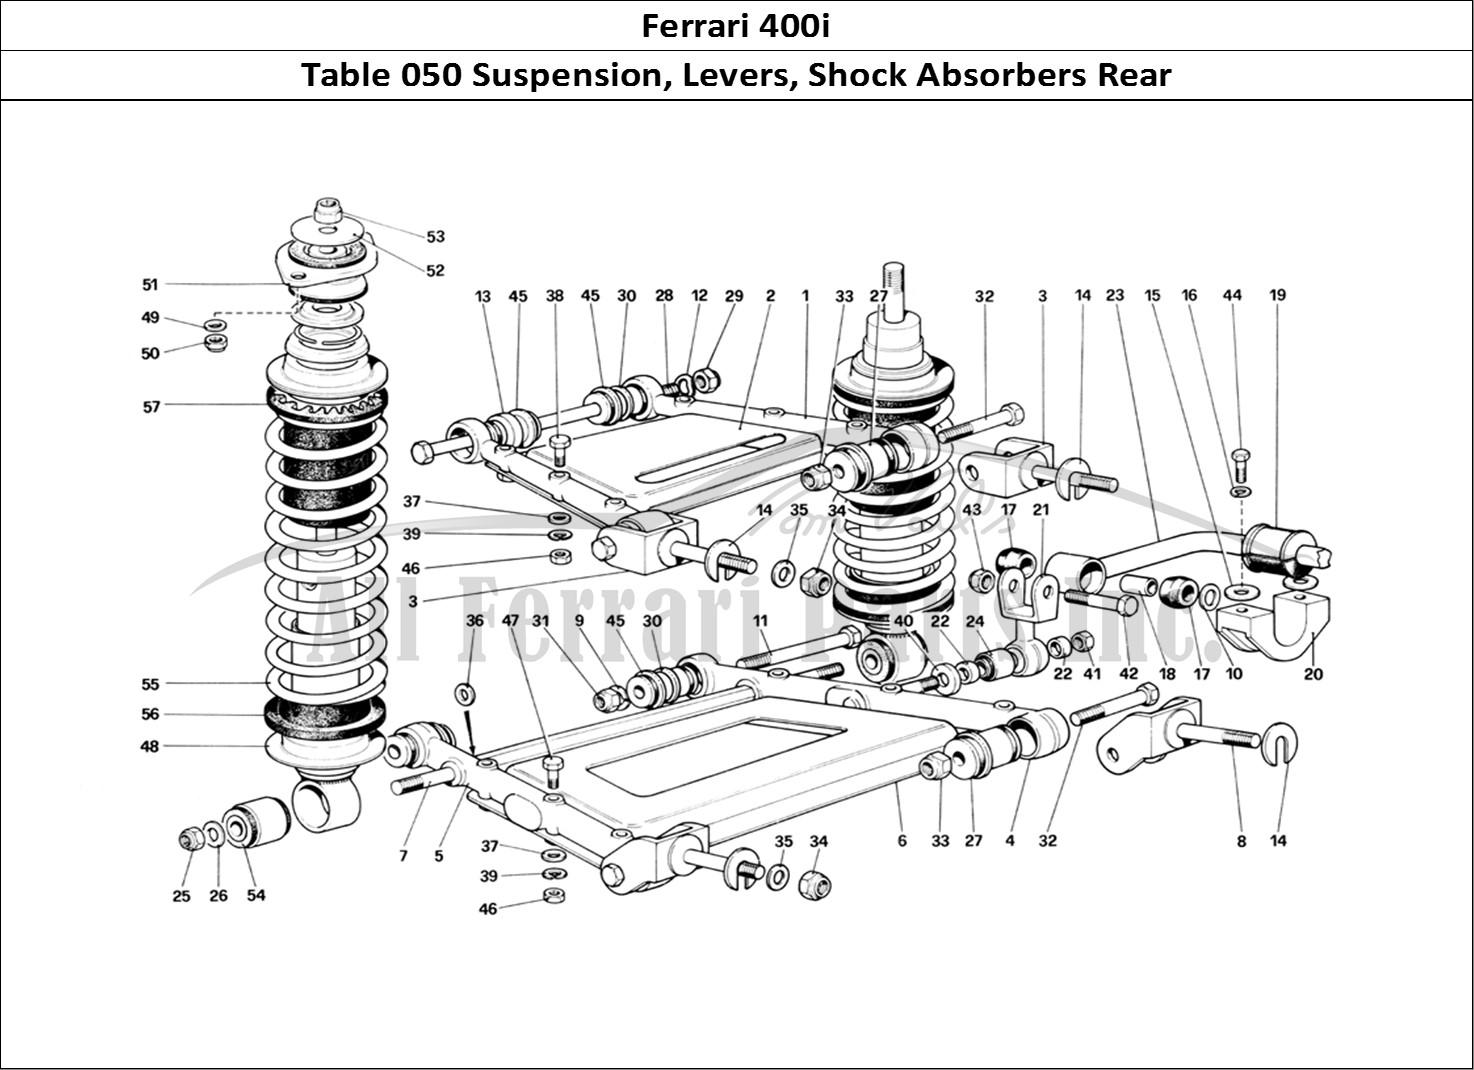 Buy Original Ferrari 400i 050 Suspension Levers Shock